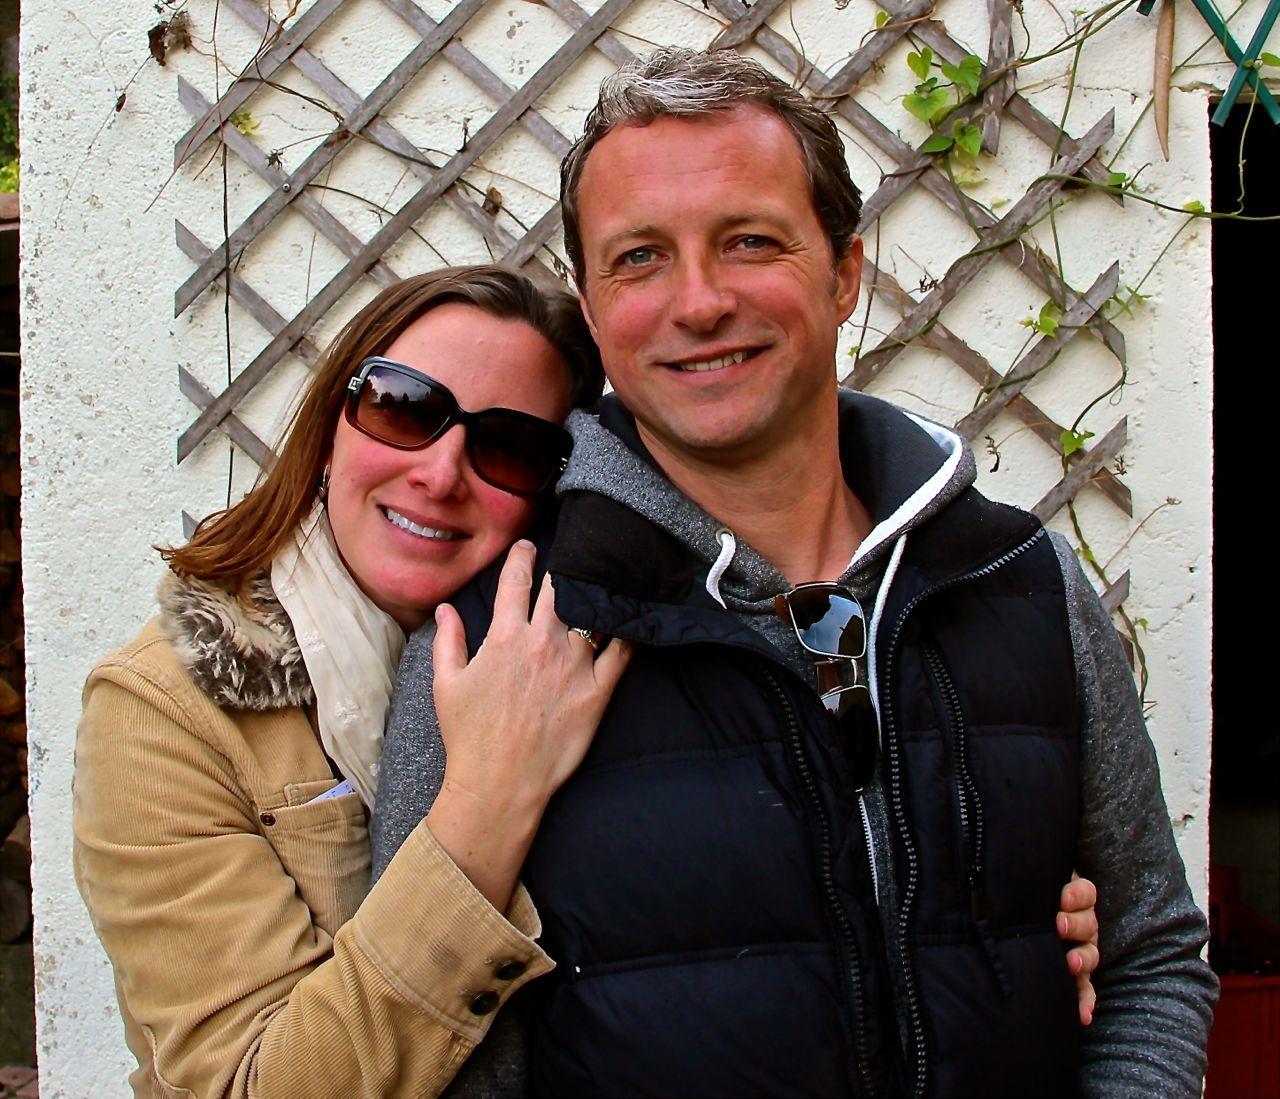 Eva & Alfonz Canadian Expats in France